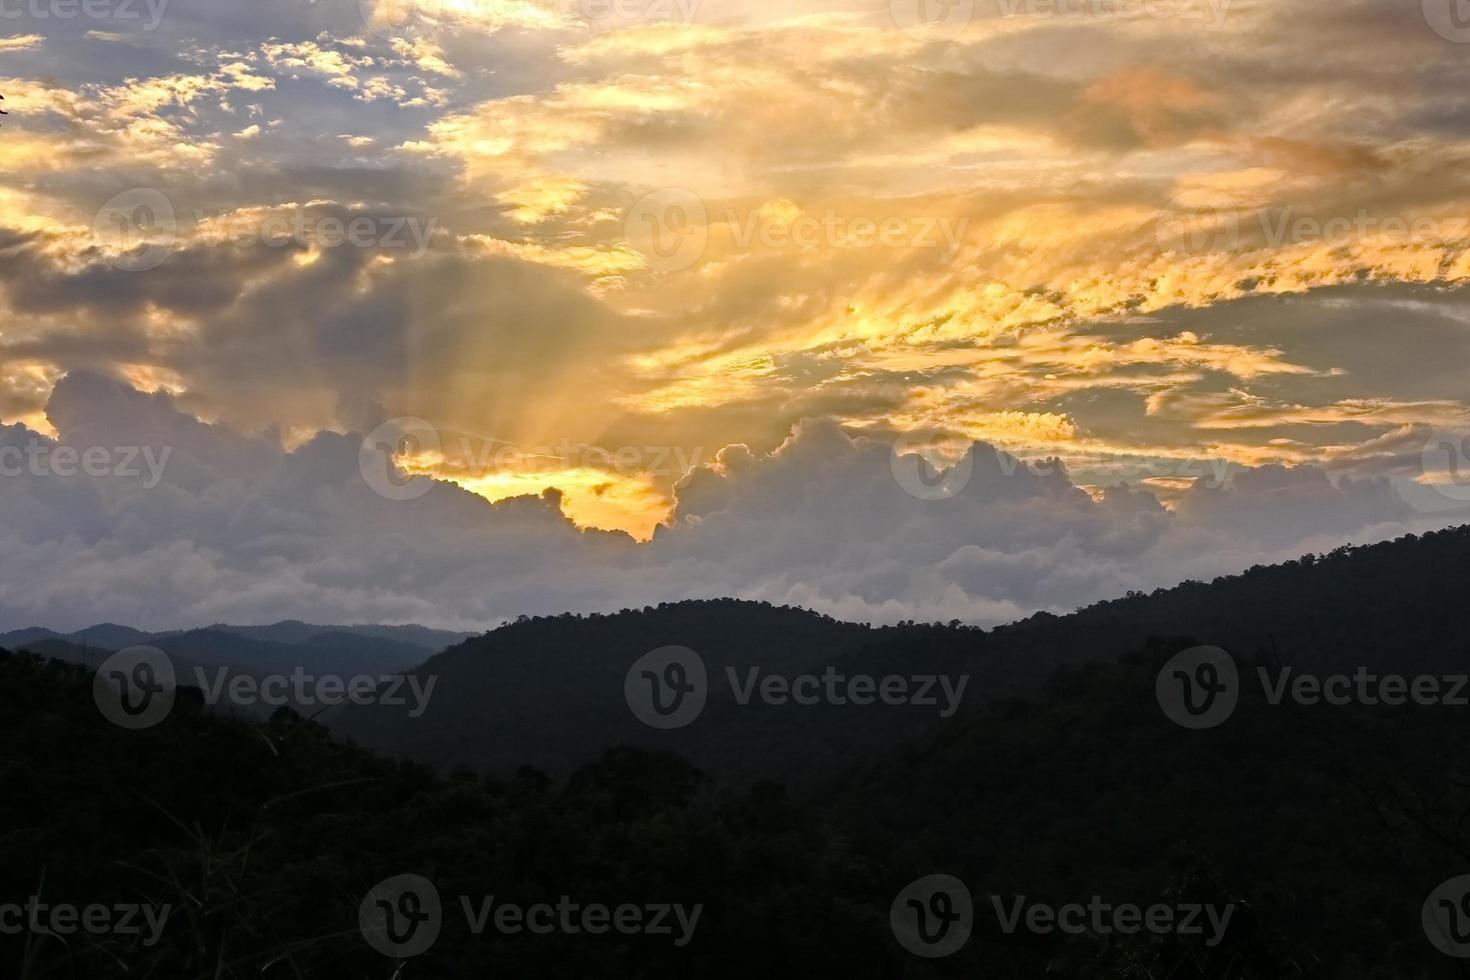 zon schijnt door wolk boven berg foto